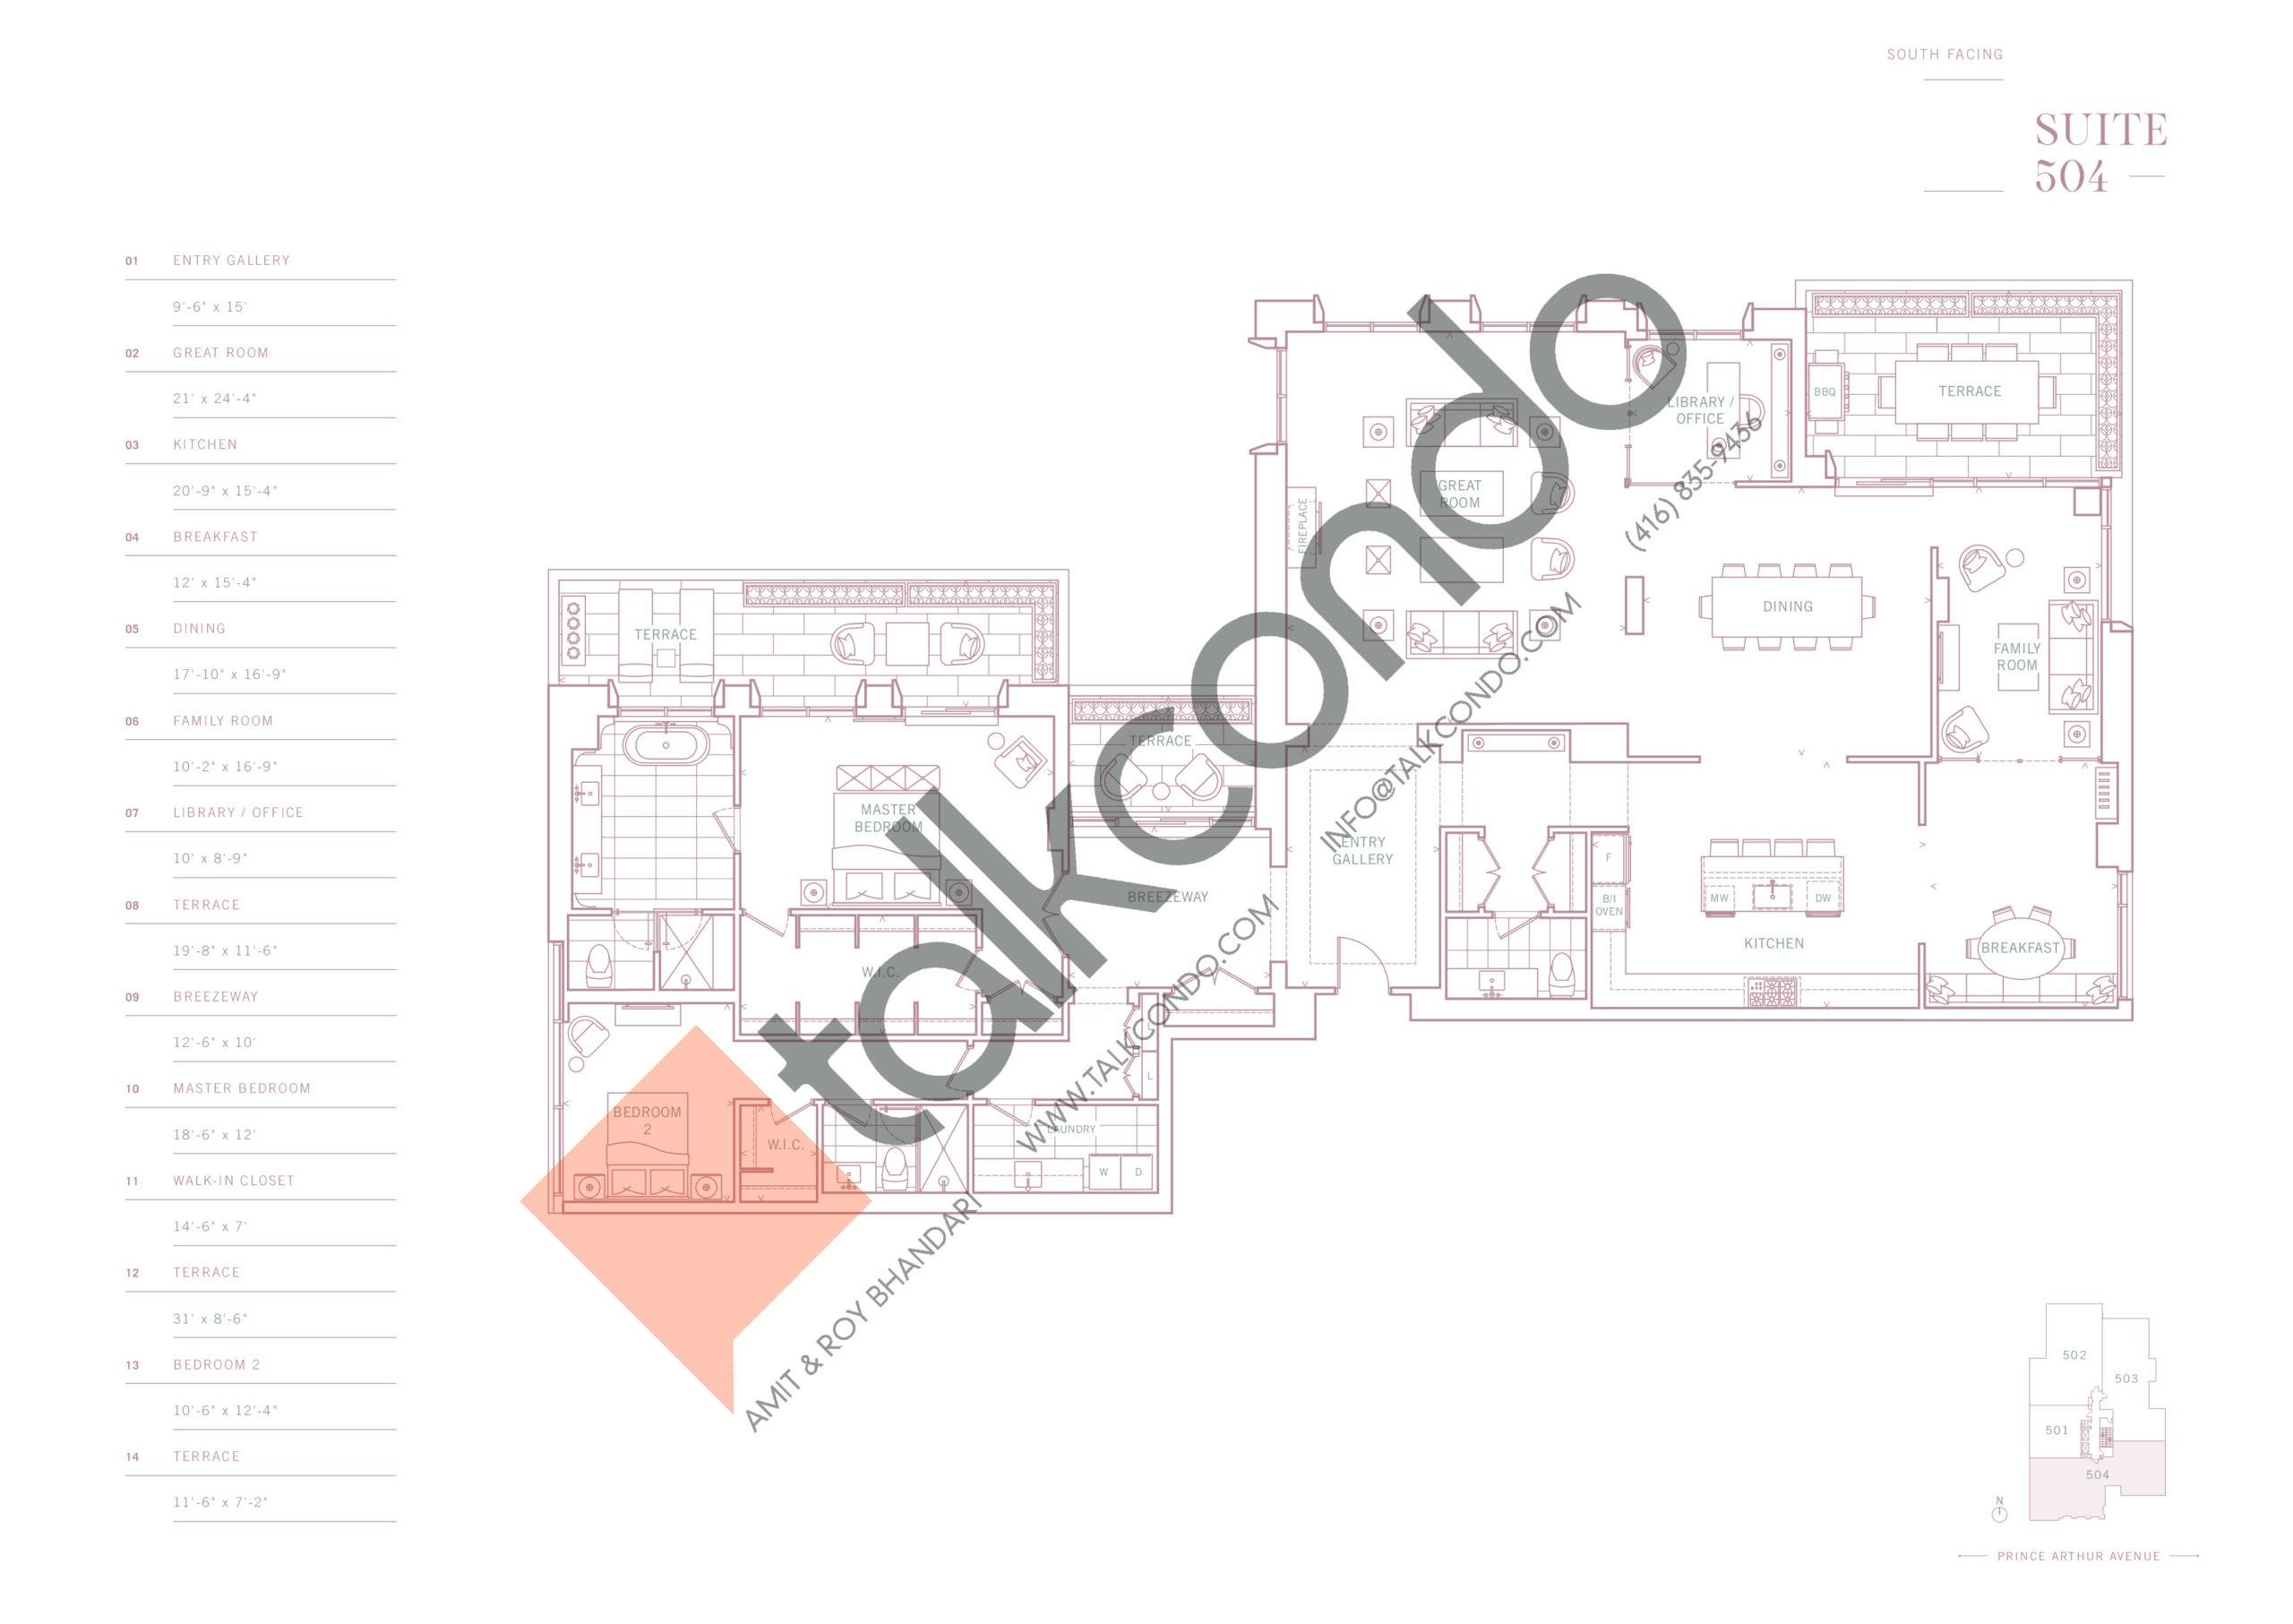 Suite 504 Floor Plan at 10 Prince Arthur Condos - 3405 sq.ft